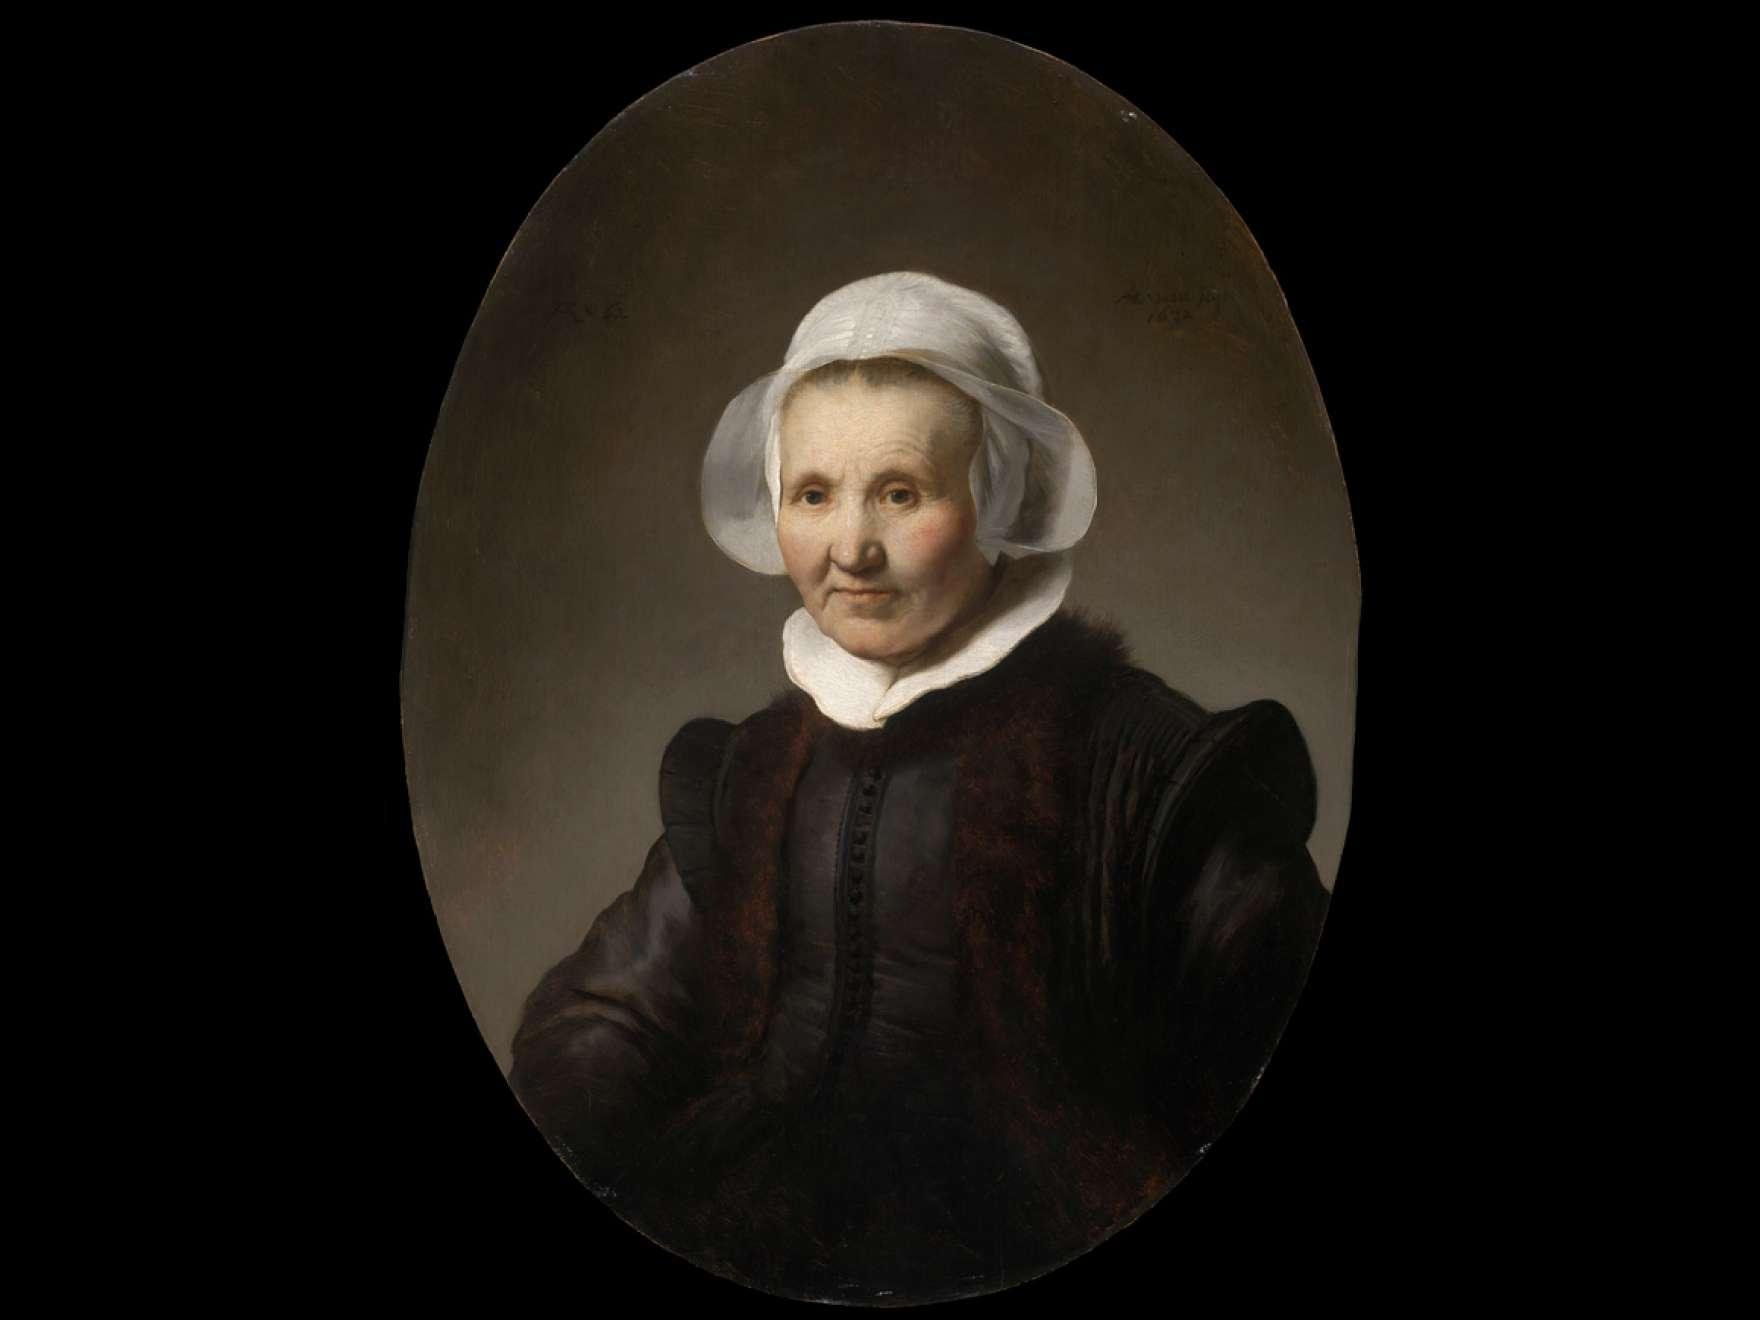 Rembrandt Harmensz. van Rijn's painting, Portrait of Aeltje Uylenburgh